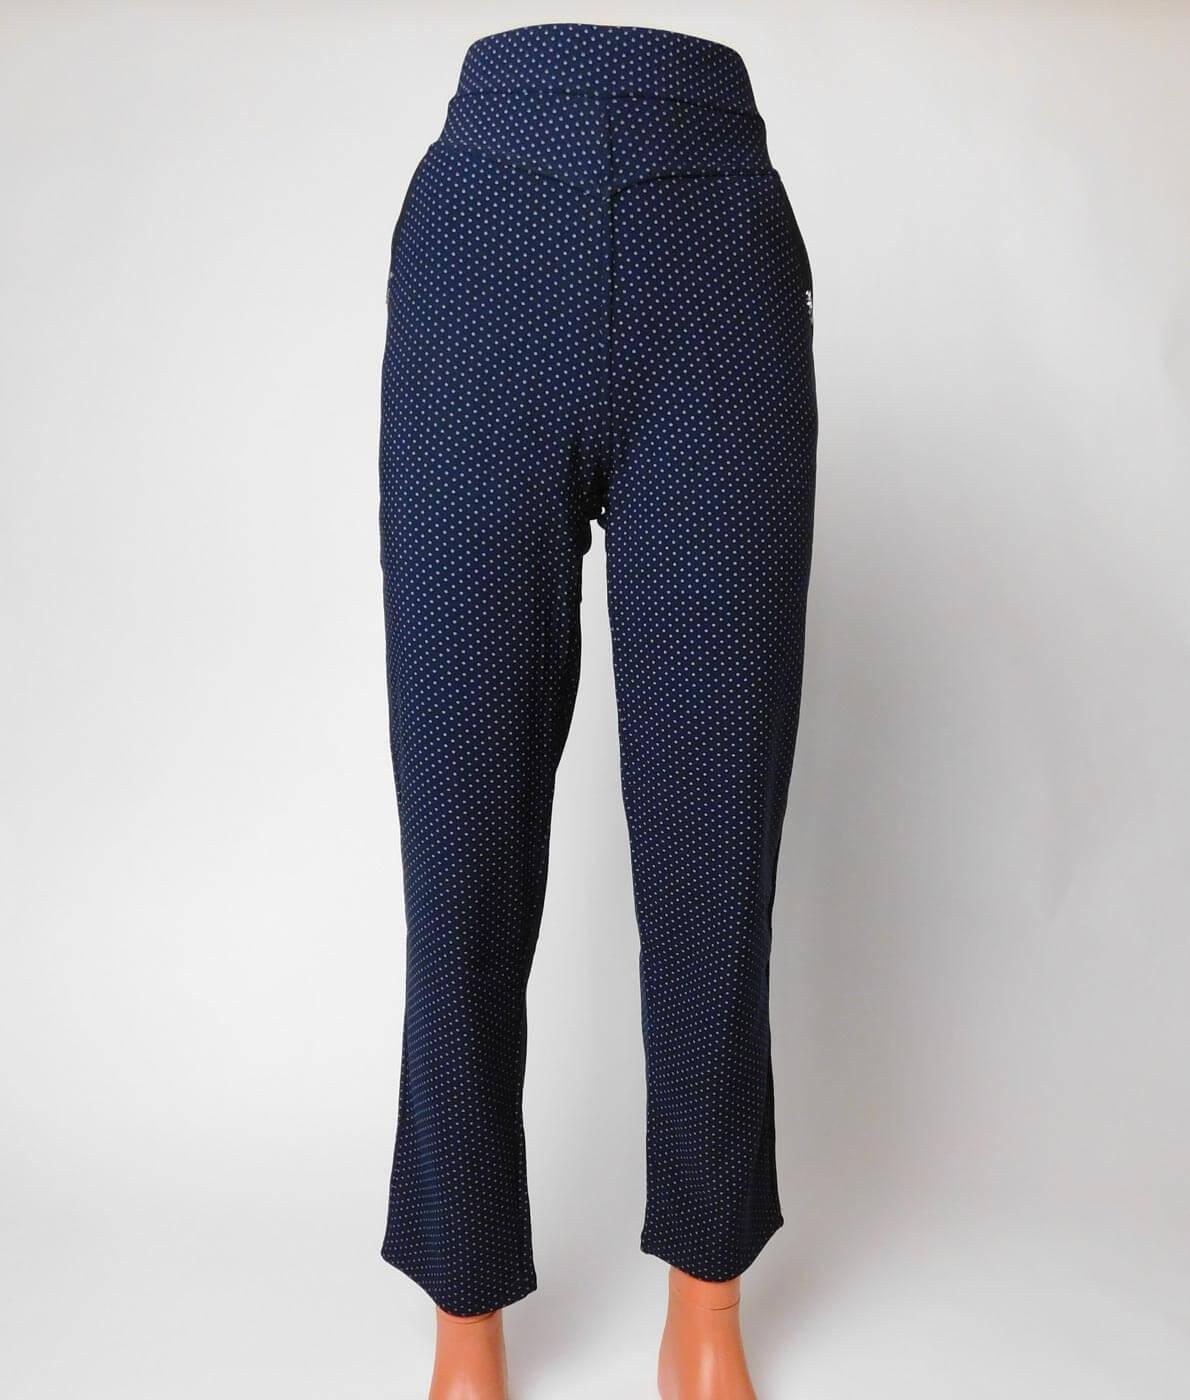 1a49ea1bc7 Nagyméretű, pöttyös női sztreccs nadrág - NT-406 • Dorien